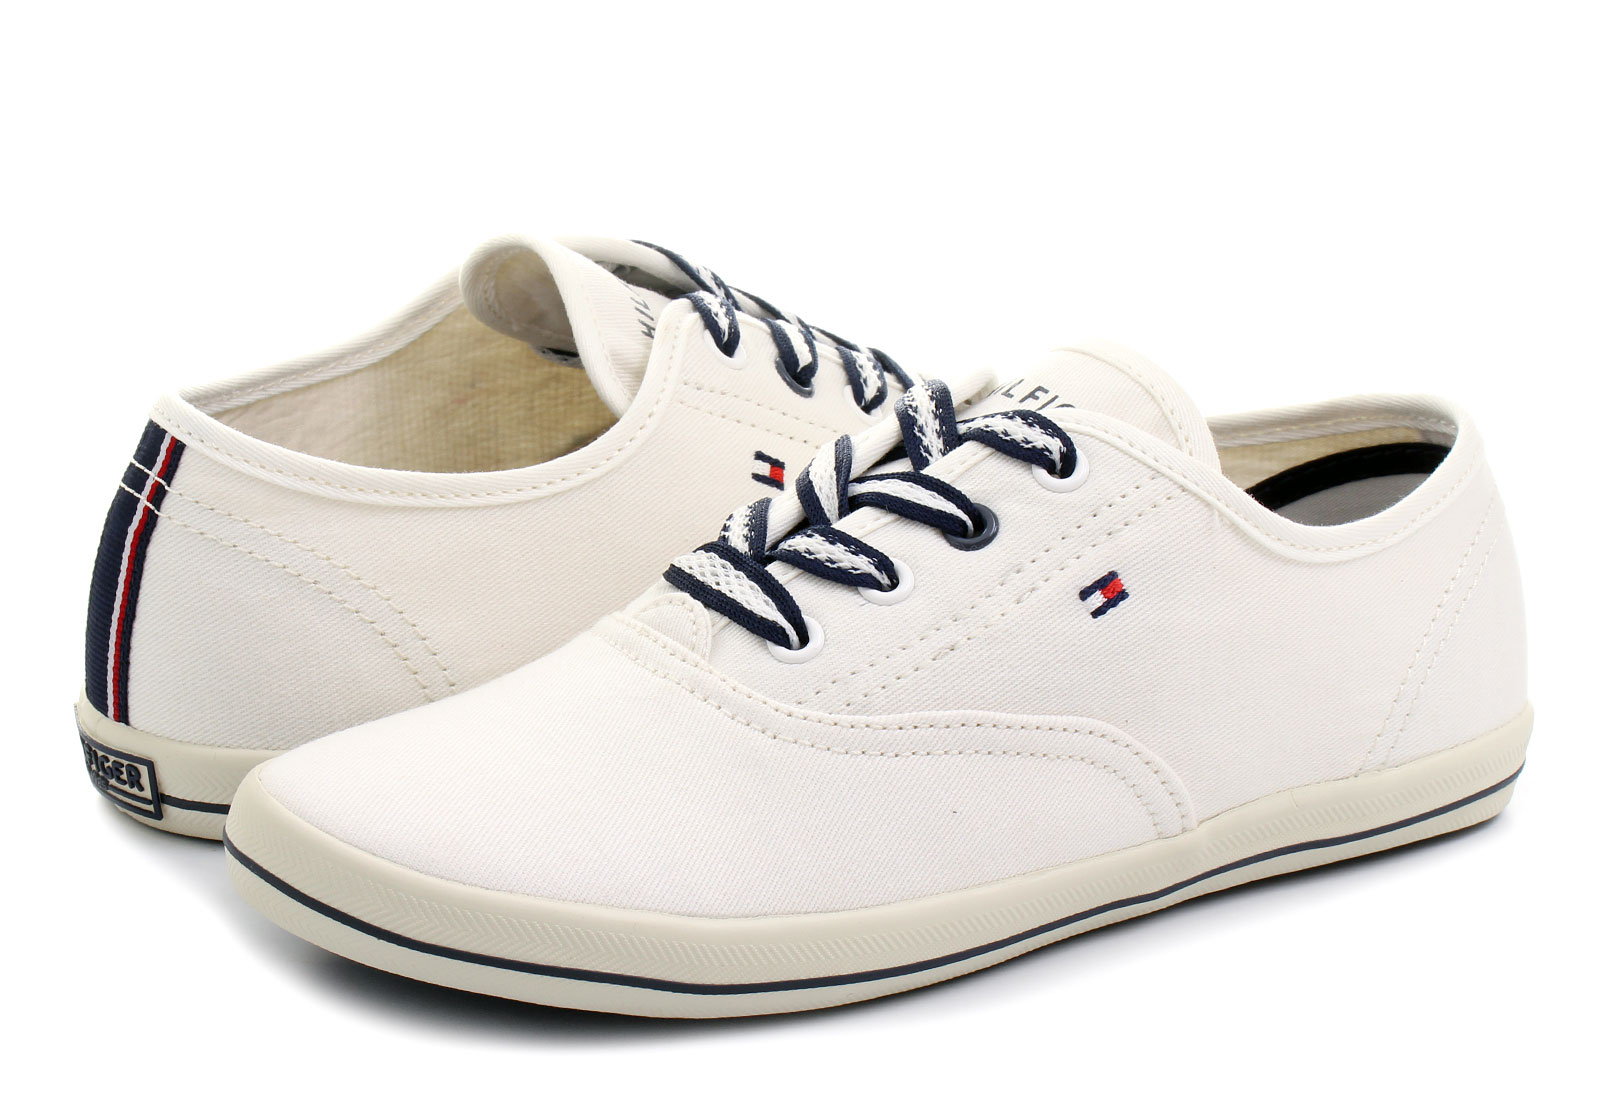 tommy hilfiger shoes victoria 1d 16s 0836 118 online shop for. Black Bedroom Furniture Sets. Home Design Ideas